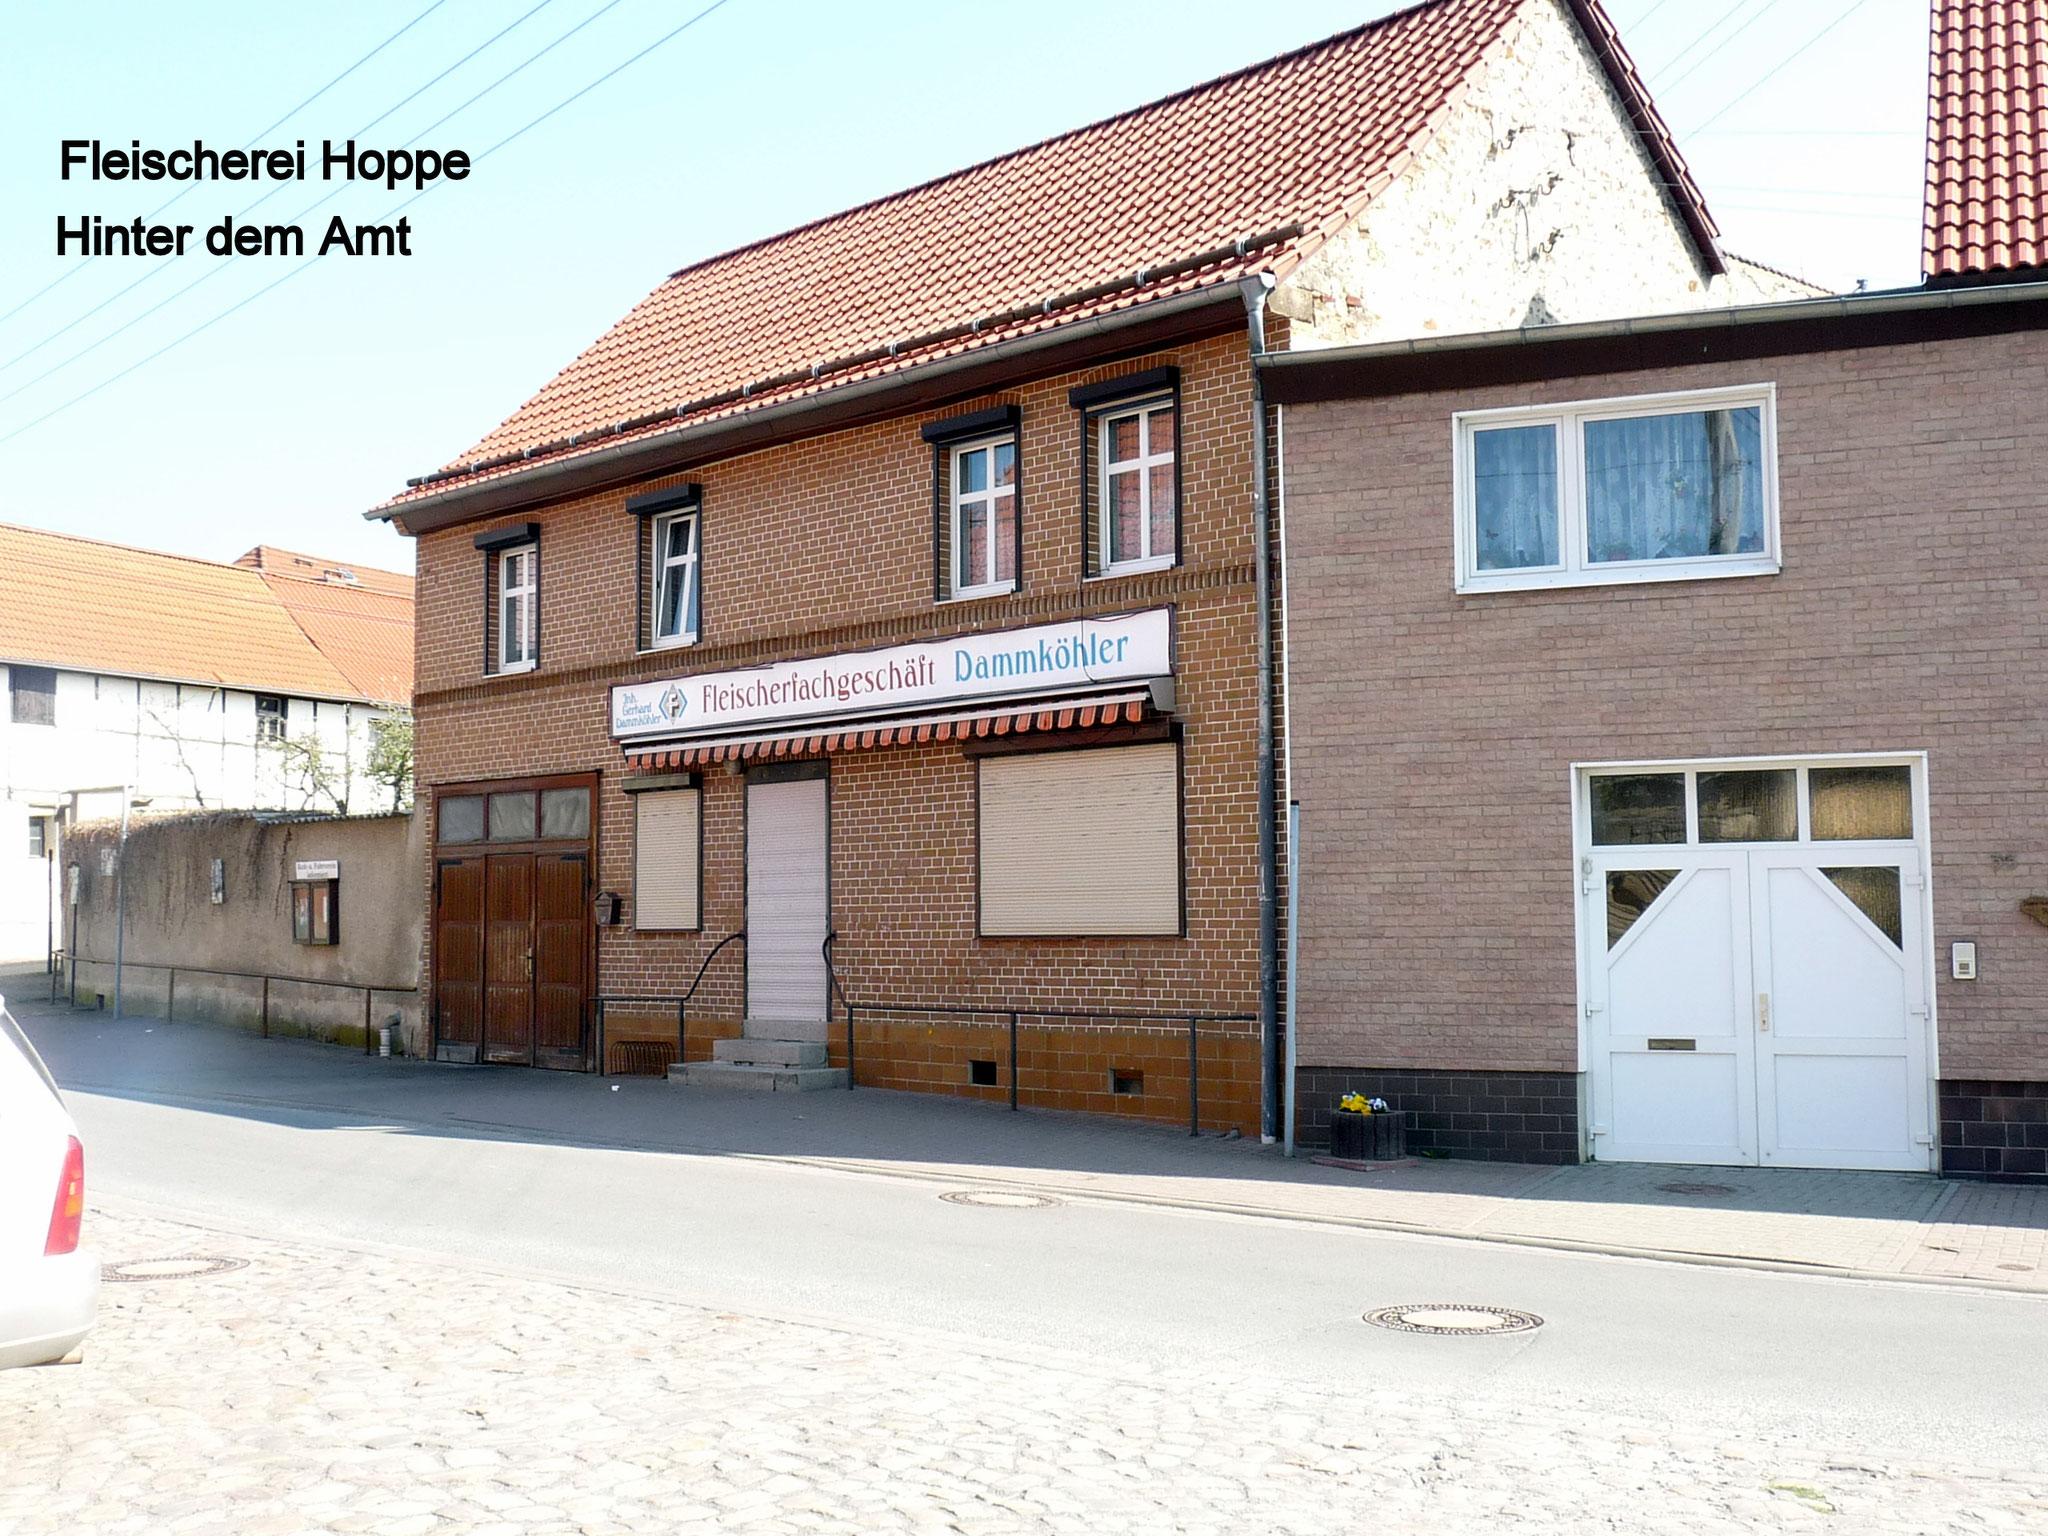 Fleischer Hoppe / Dammköhler